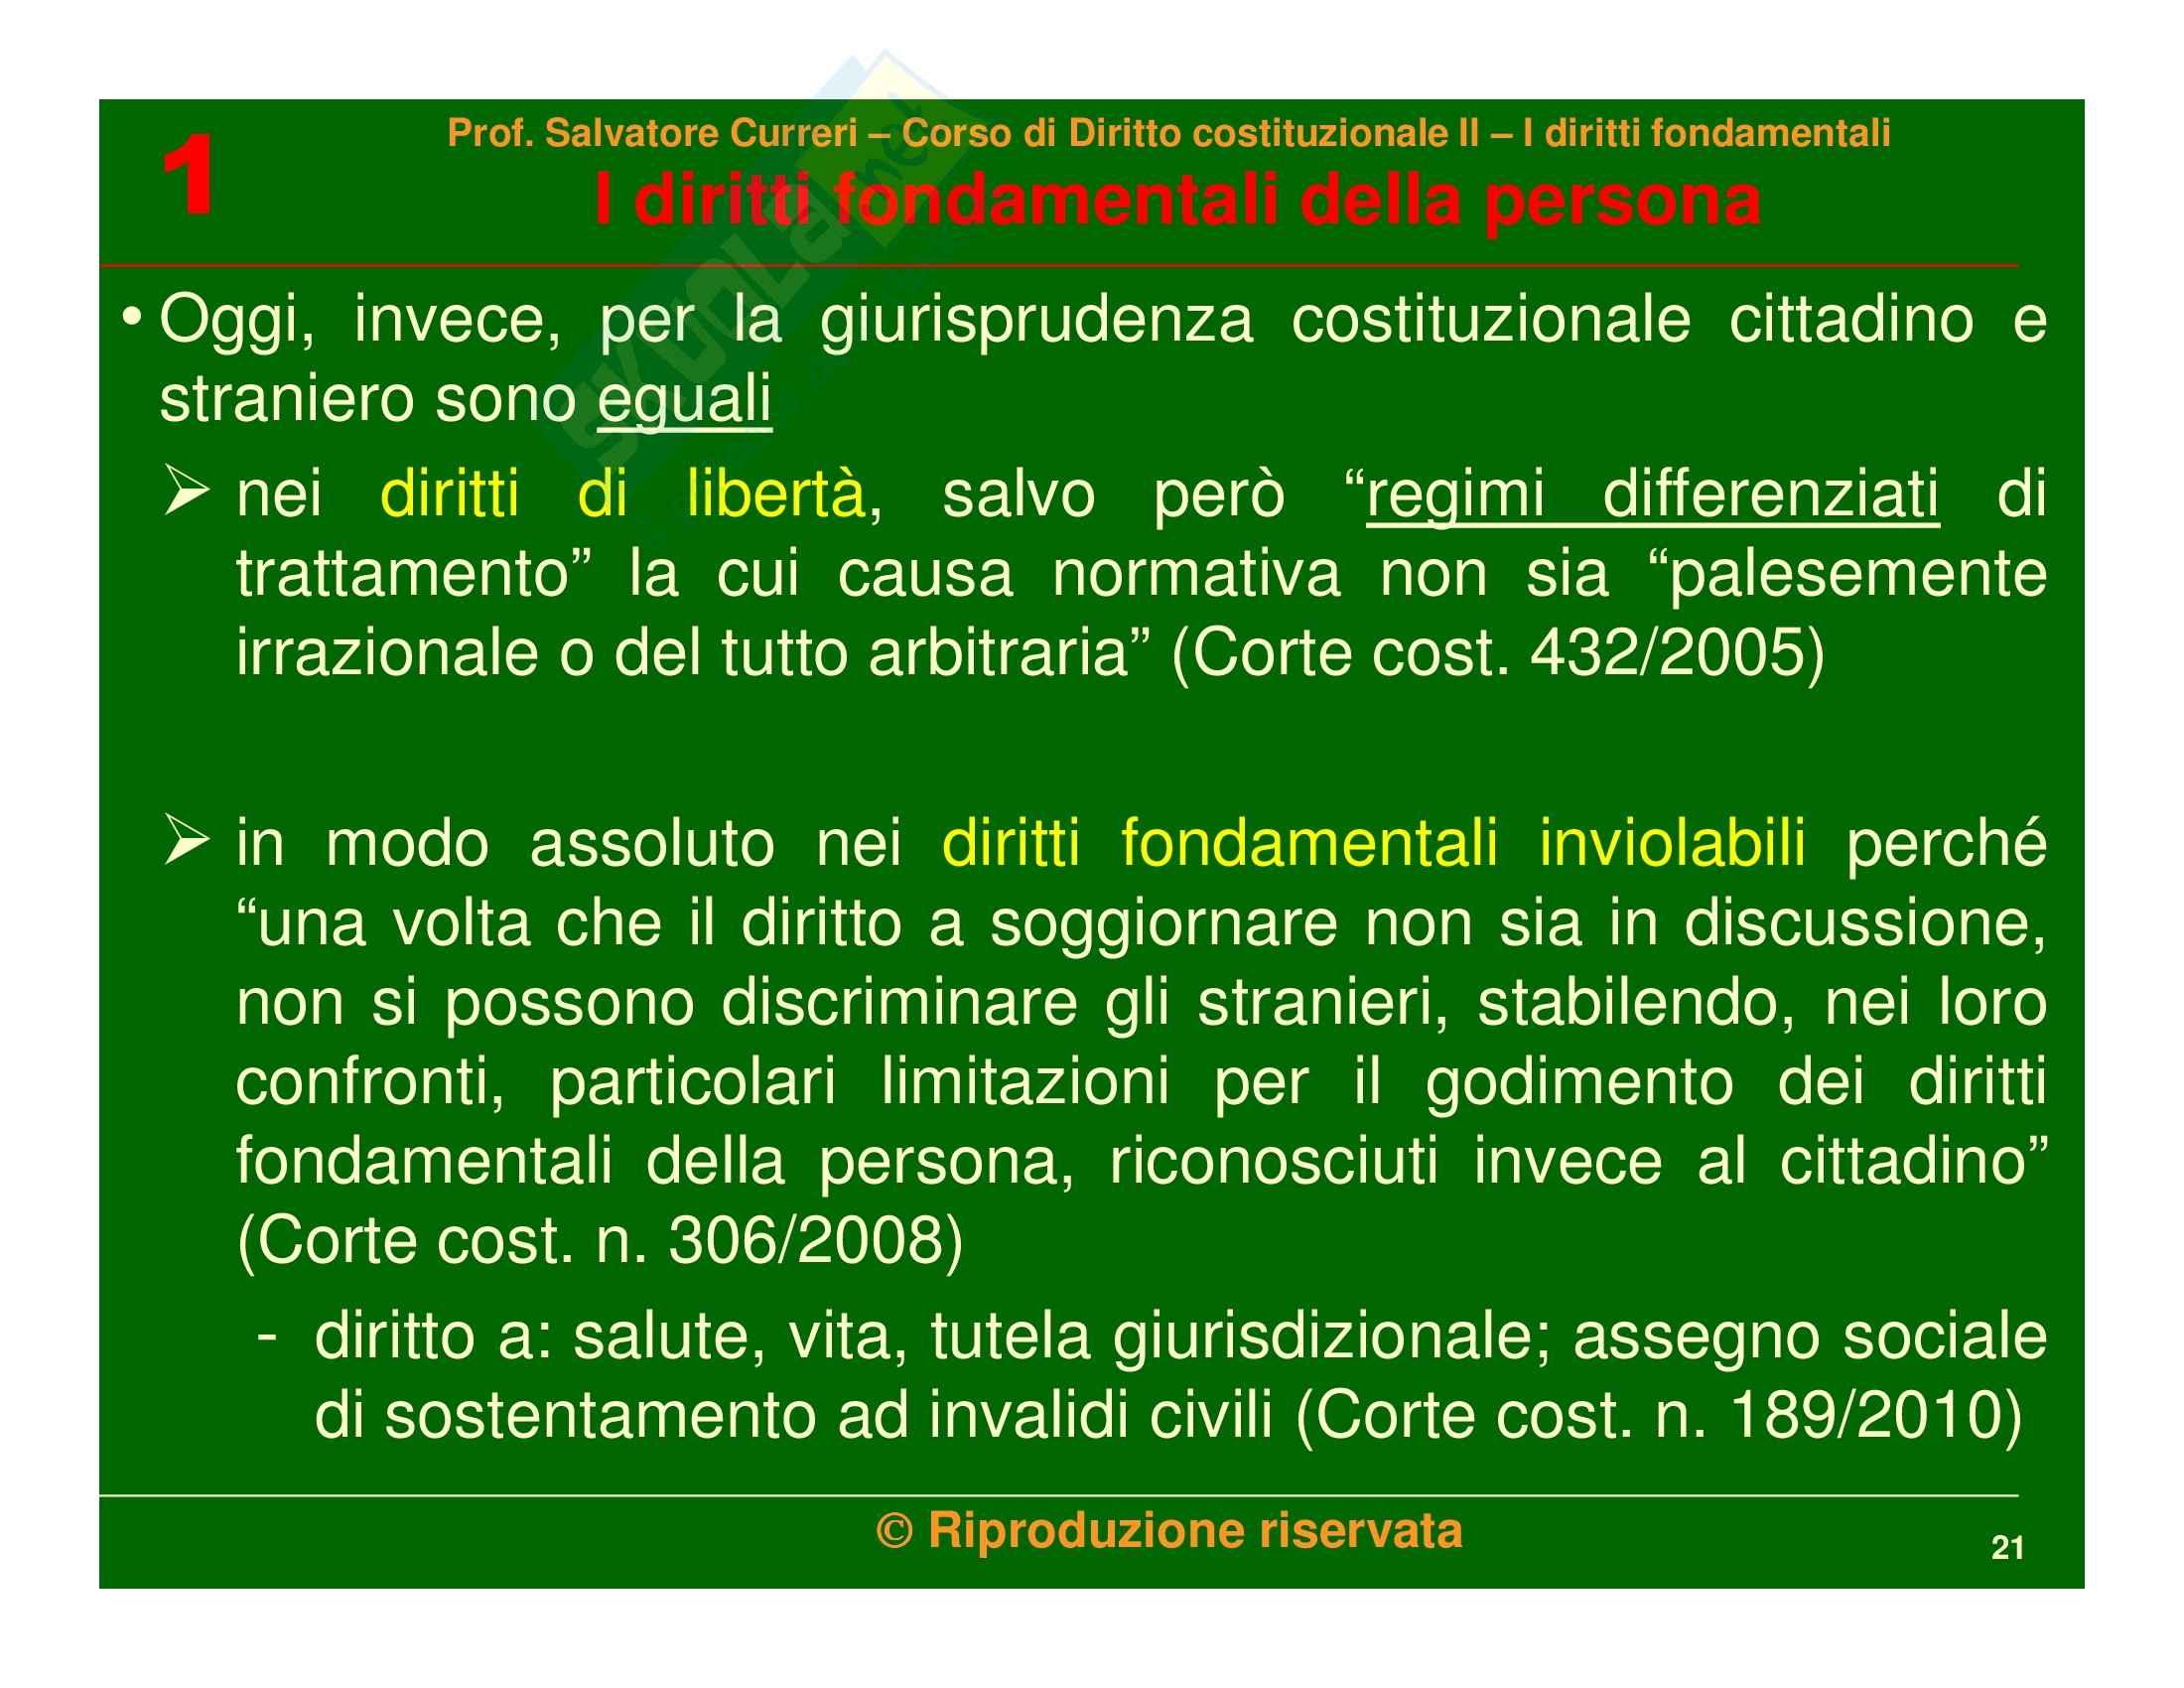 Diritto costituzionale - i diritti fondamentali della persona Pag. 21